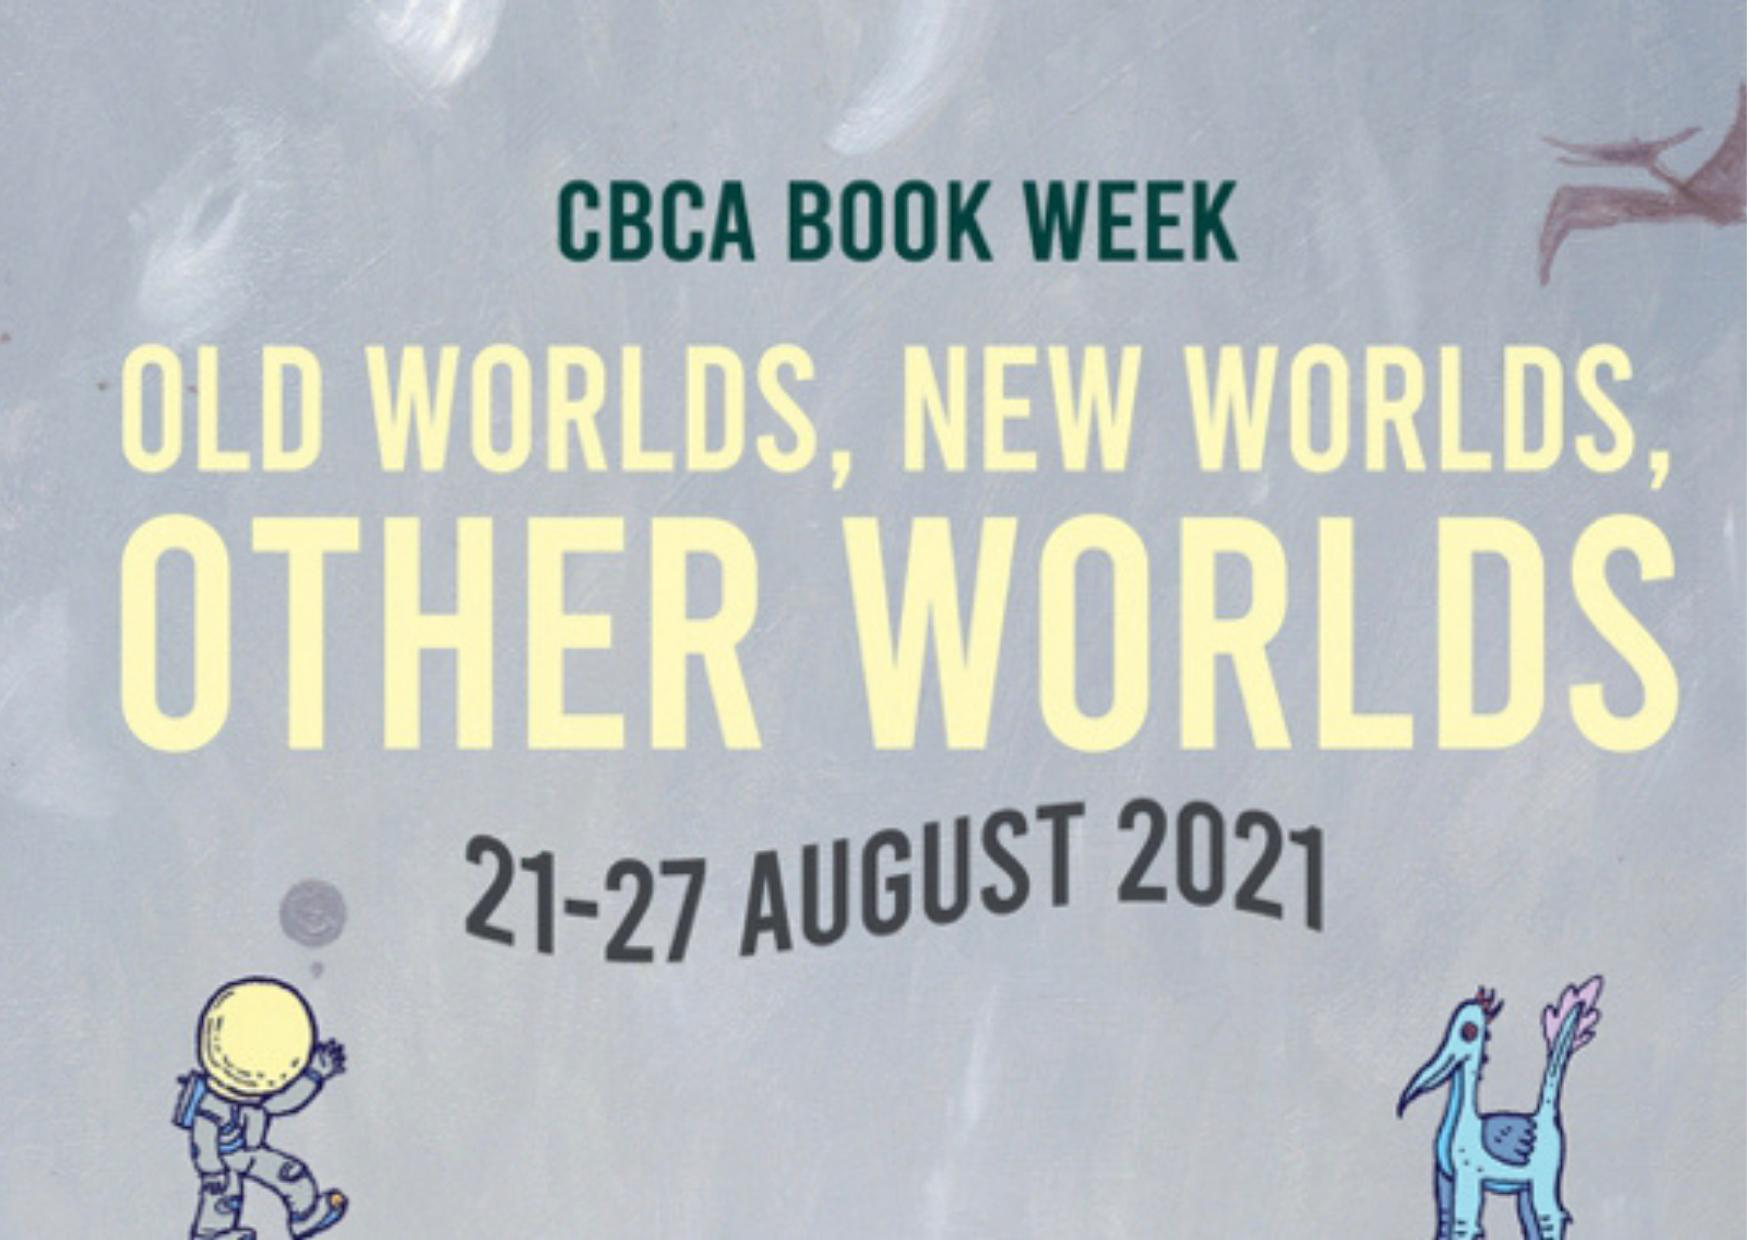 Book Week August 2021